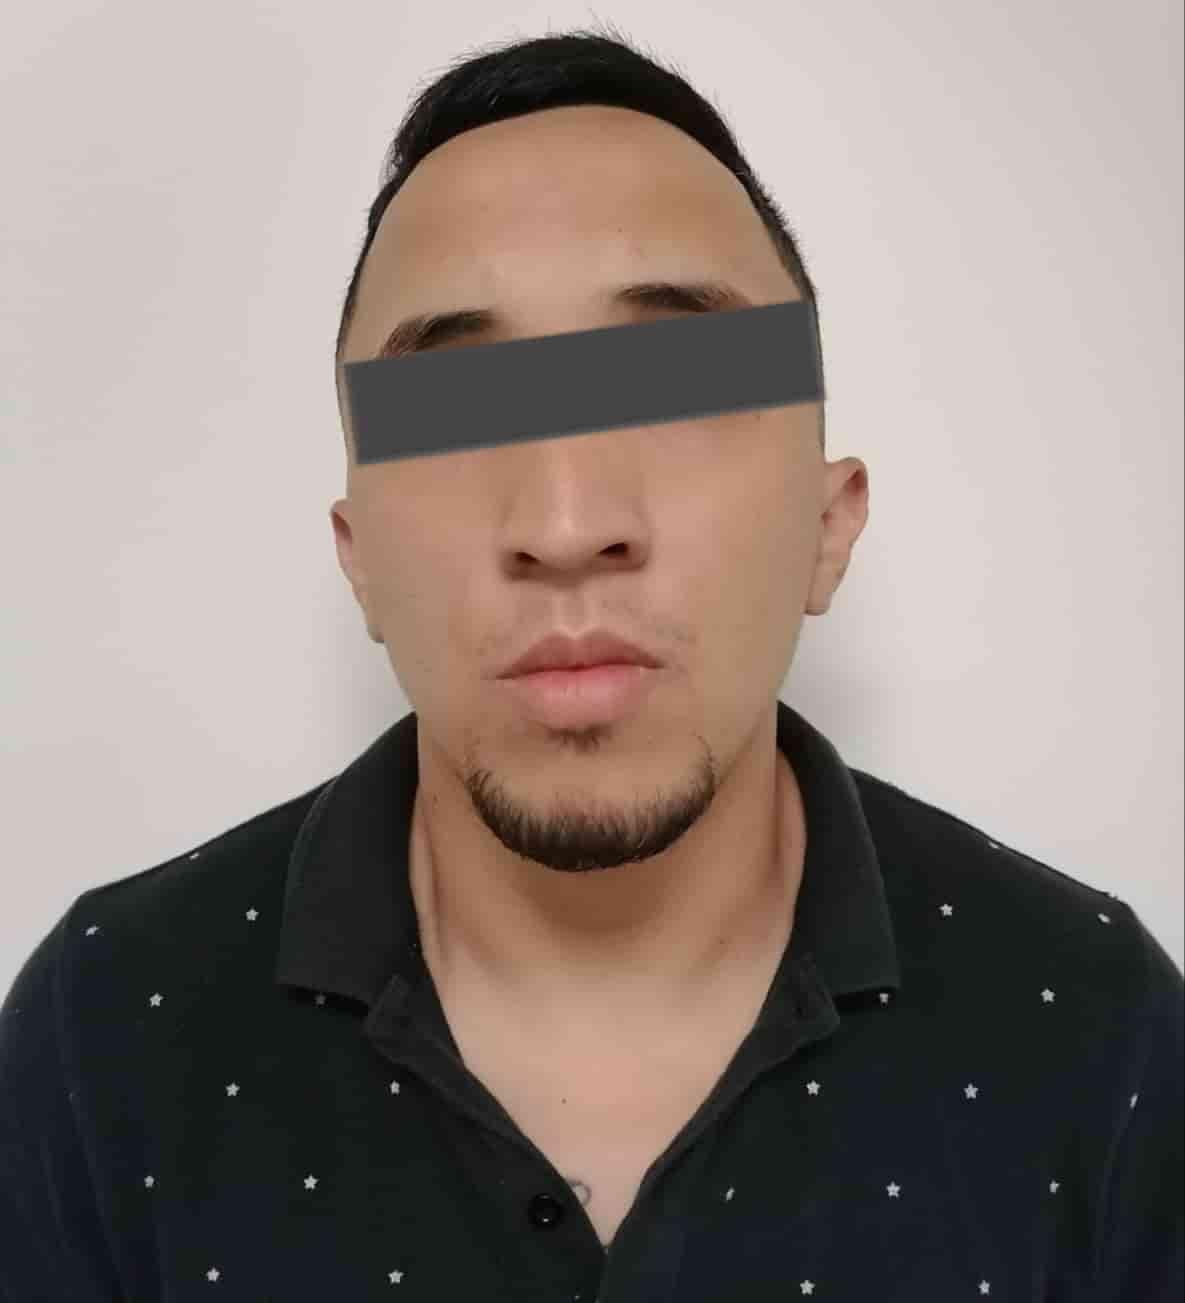 El responsable de la muerte de un joven en el velorio, fue detenido